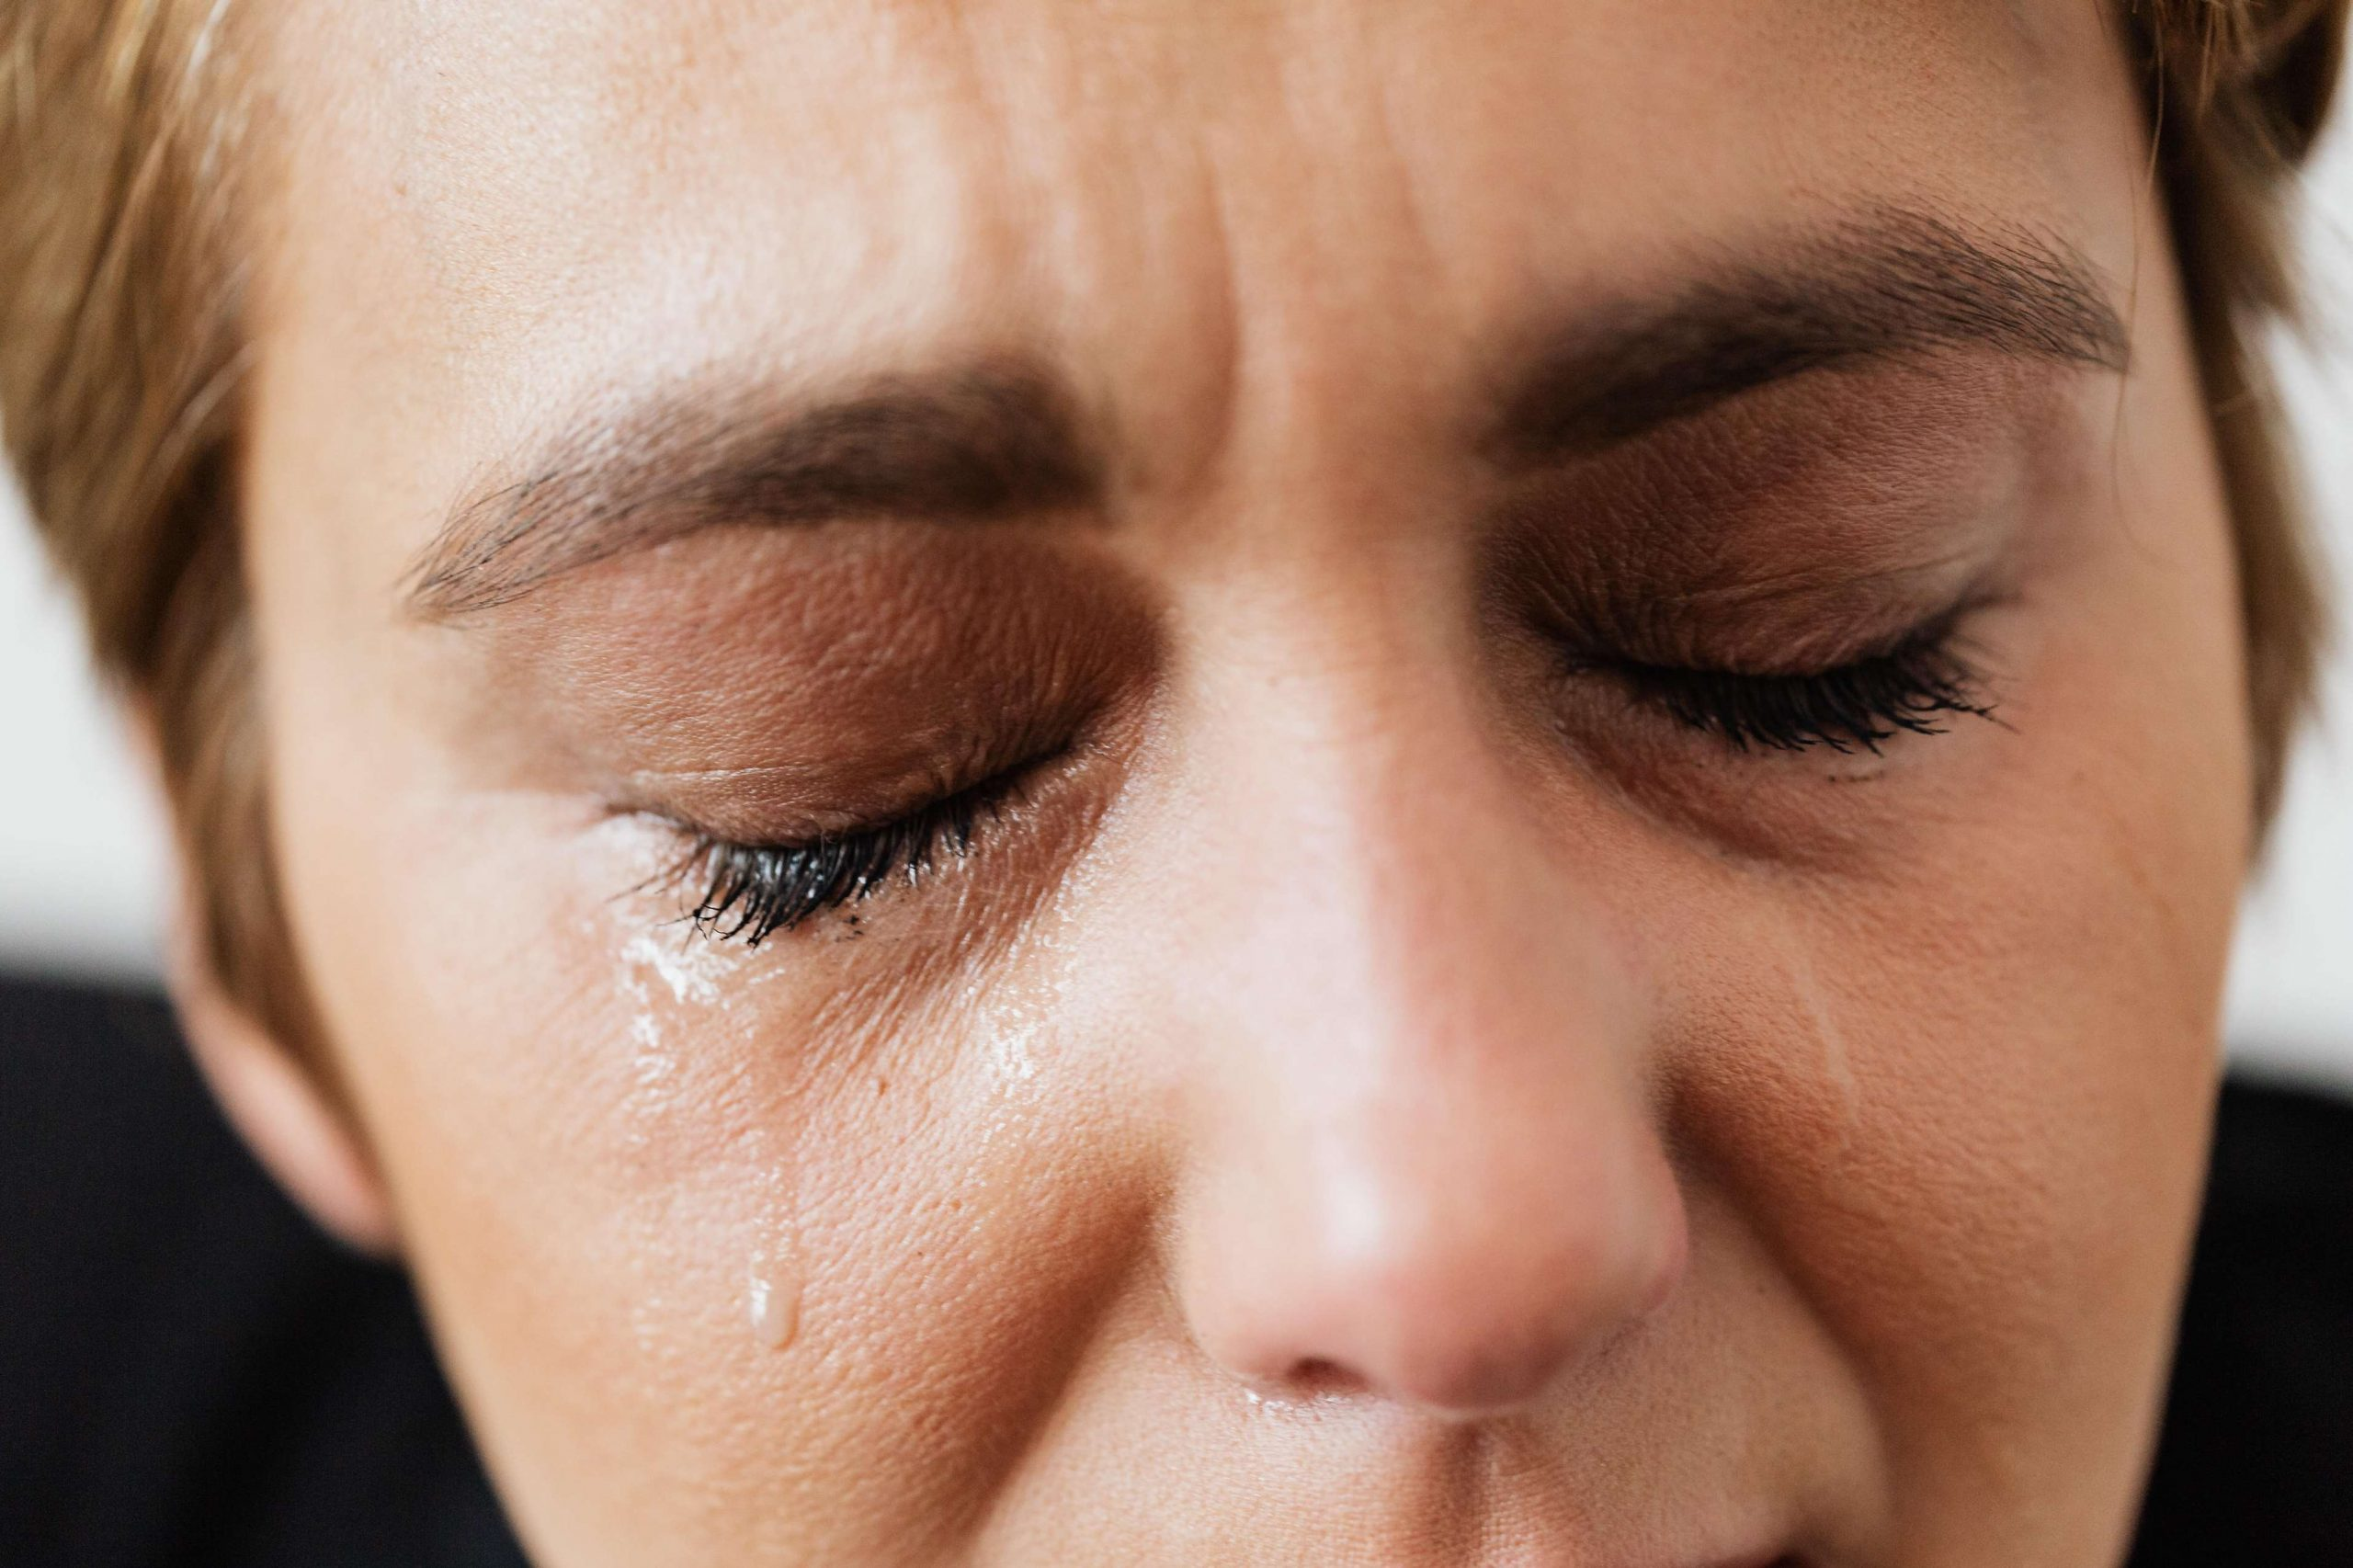 Adorando a Deus em meio a dor